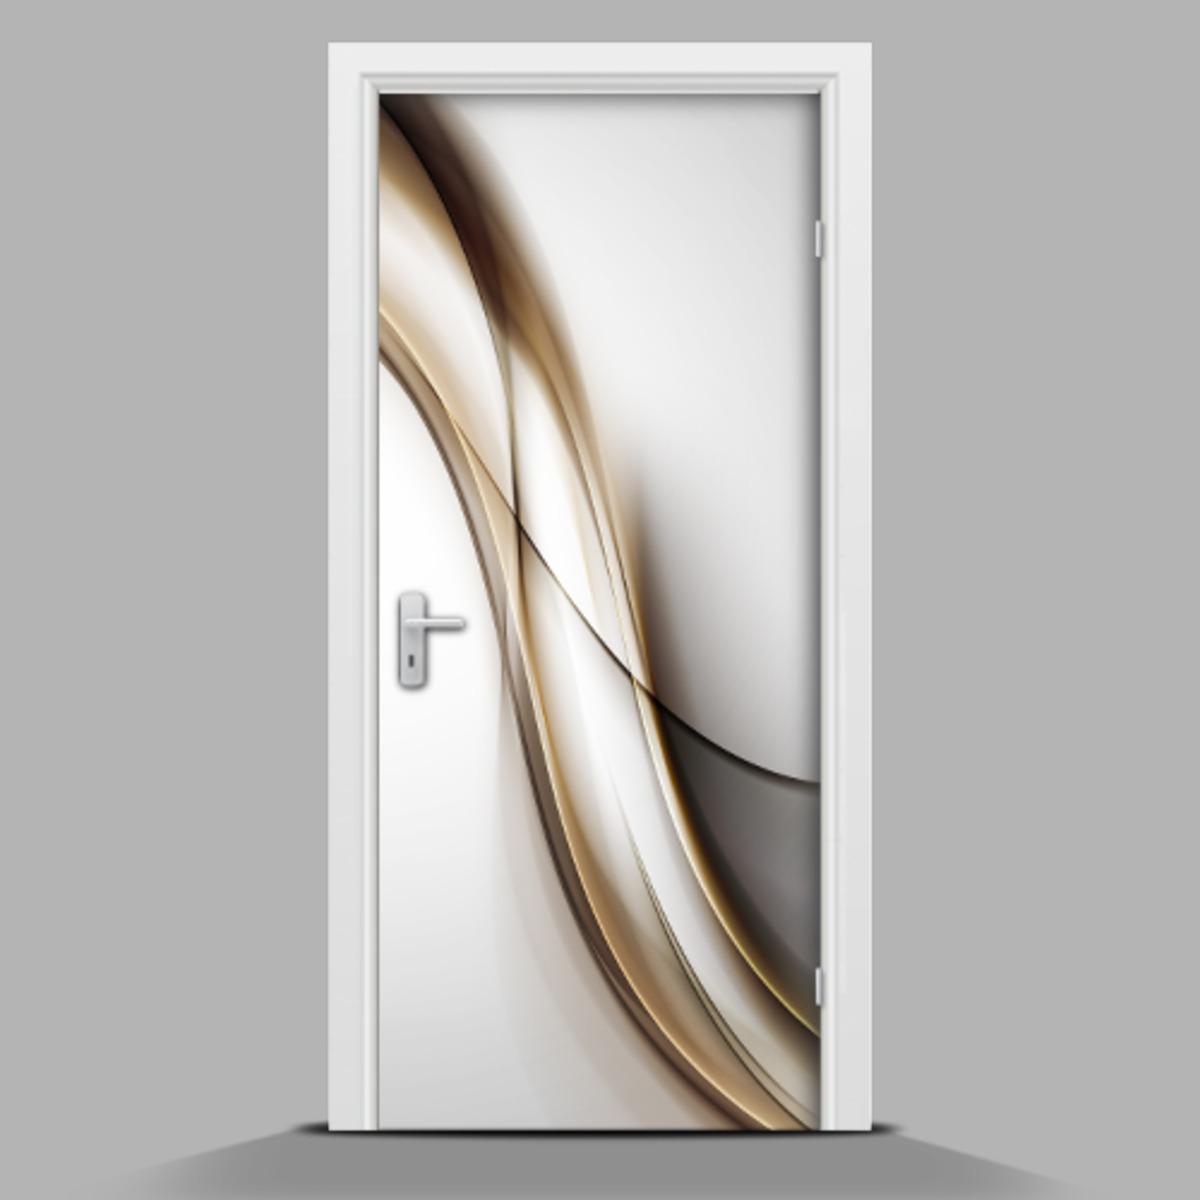 Fototapeta na drzwi - szybki sposób na metamorfozę pokoju